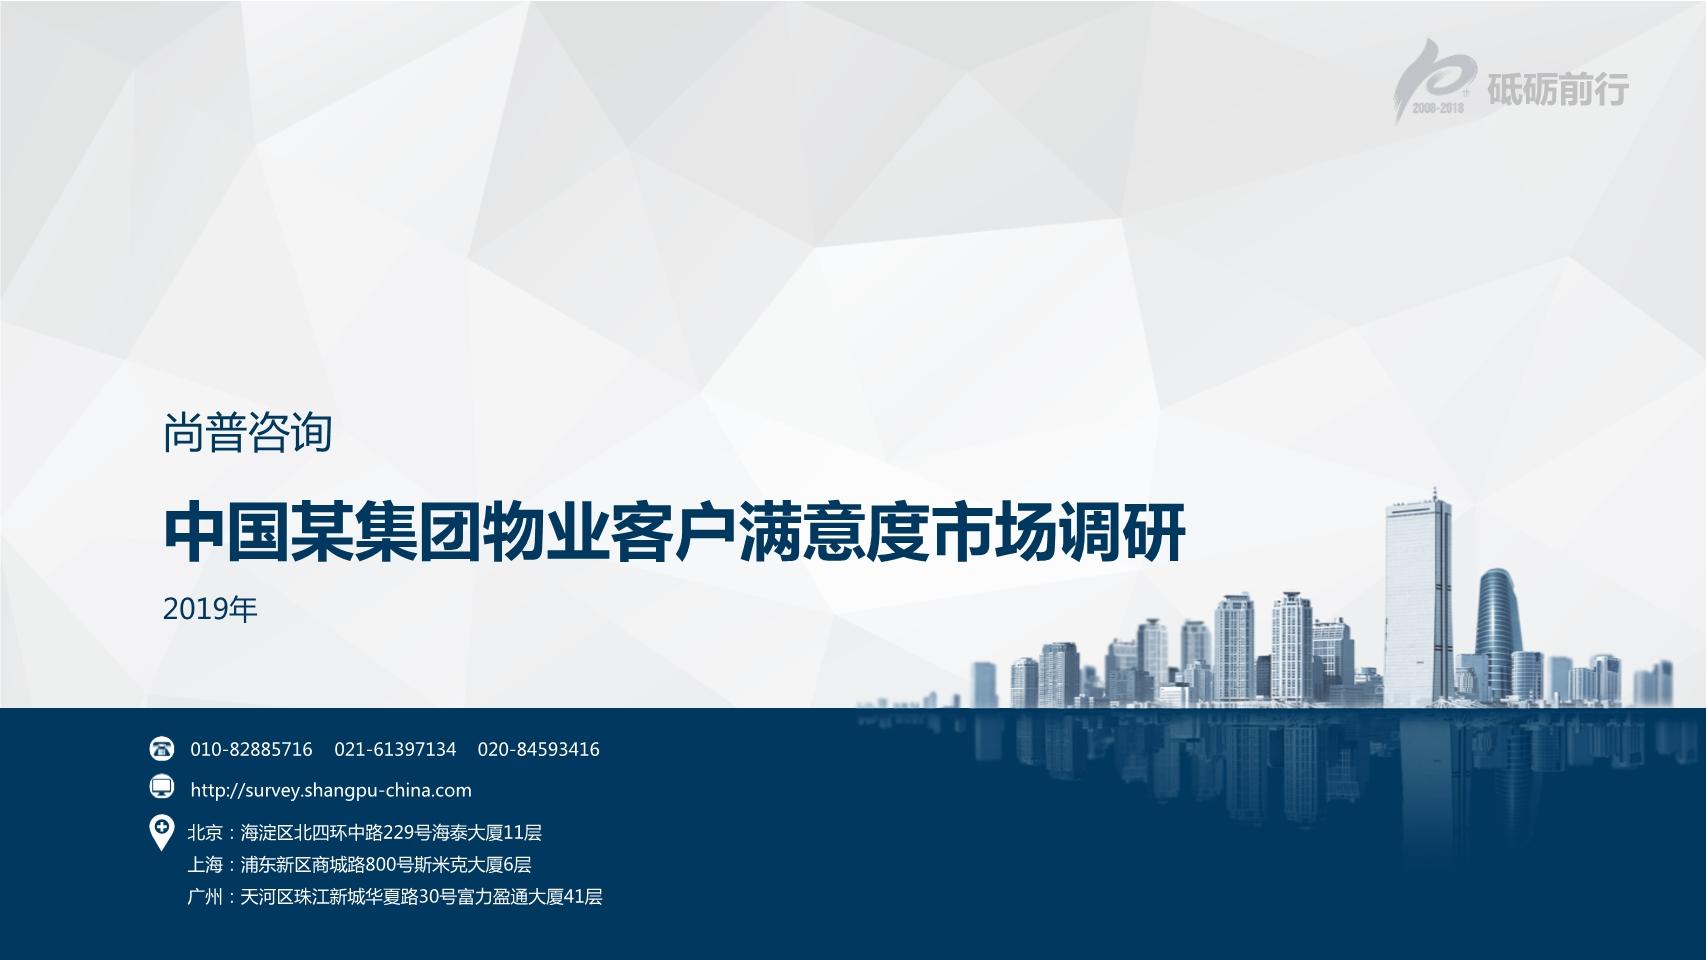 尚普咨询-中国某集团物业客户满意度市场调研报告